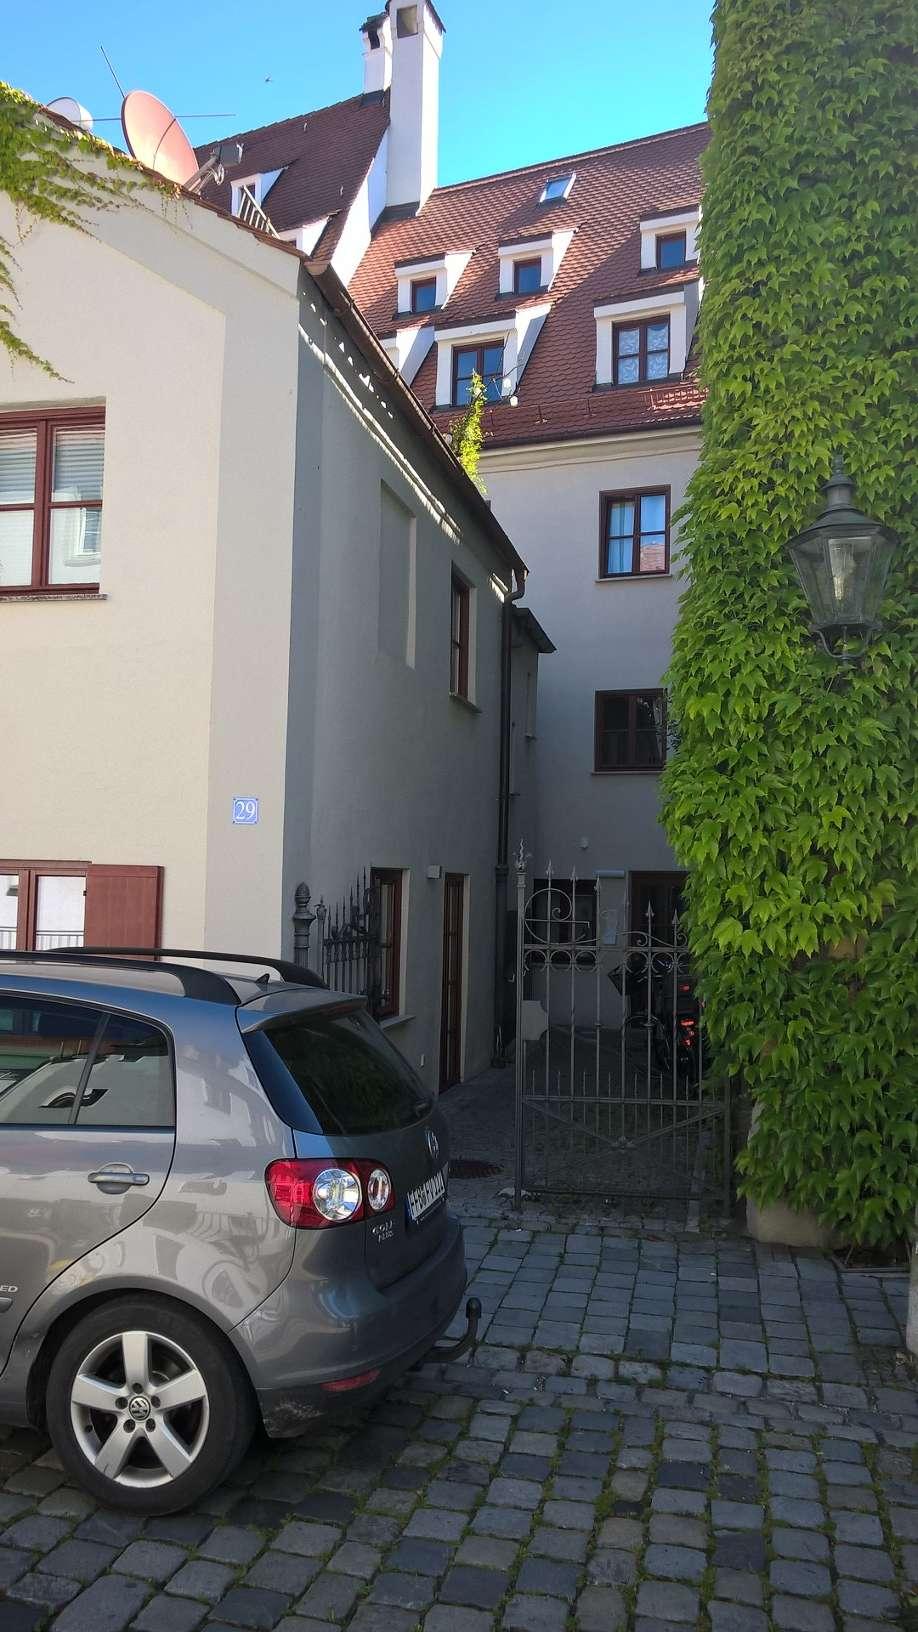 Exklusive, geräumige und neuwertige 3- Zimmerwohnung in Augsburg Innenstadt in Augsburg-Innenstadt